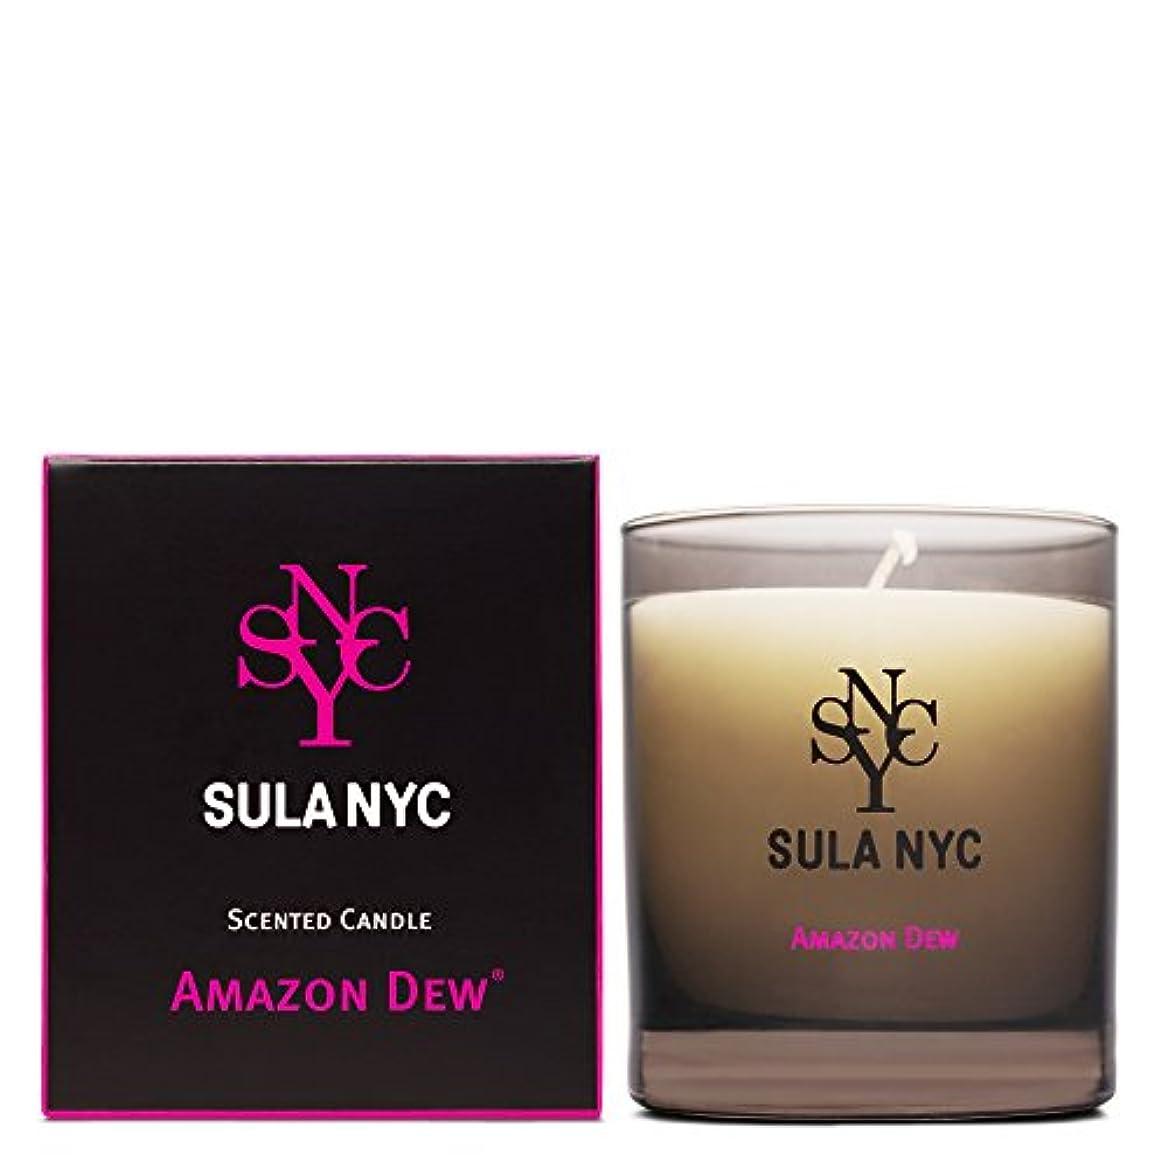 ささやき土器ウールSULA NYC SCENTED CANDLE AMAZON DEW スーラNYCセンティッドキャンドル アマゾン?デュー